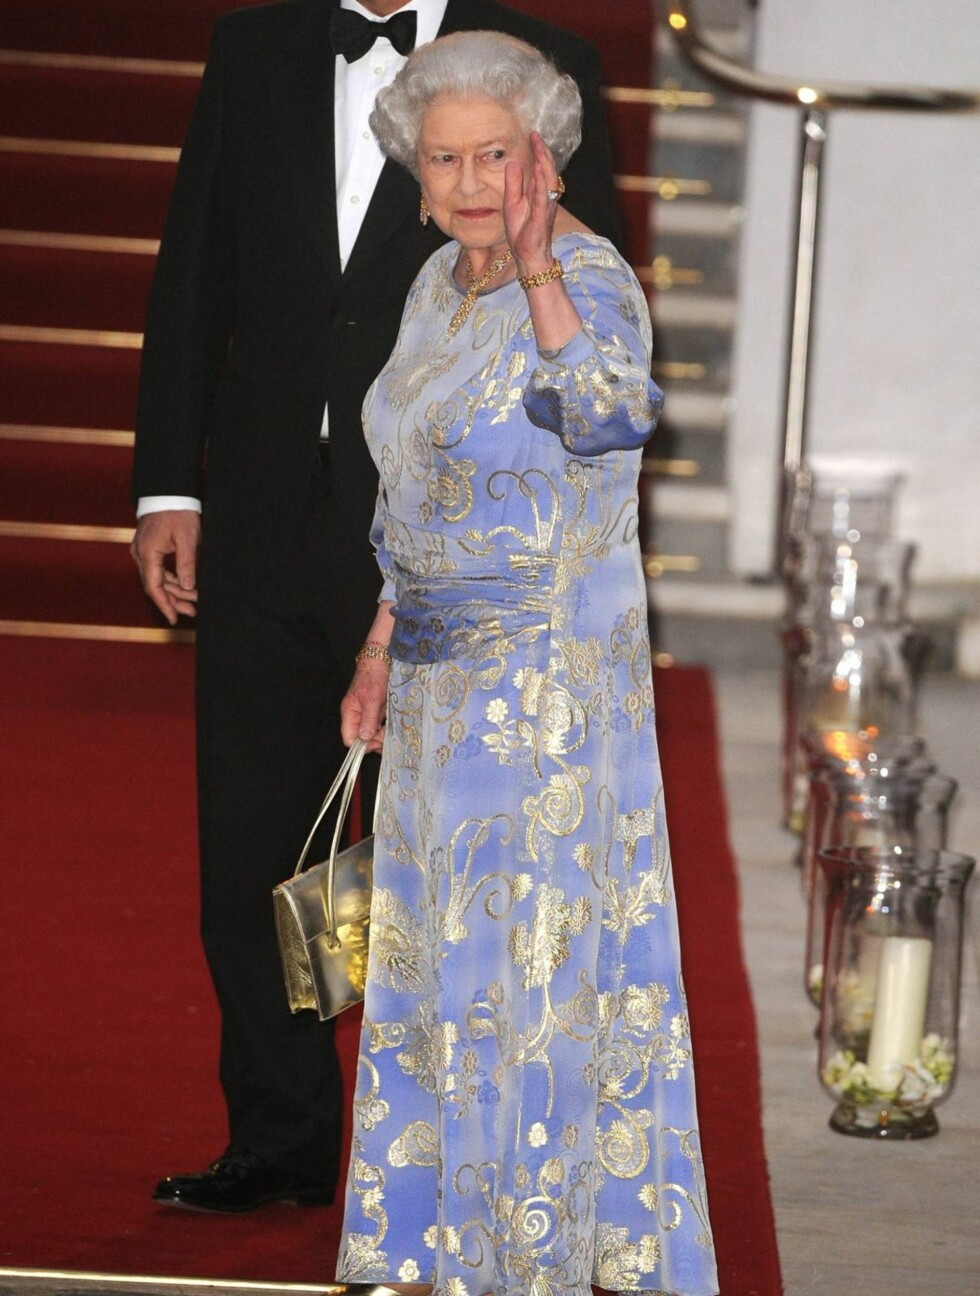 PÅ FEST: Dronning Elizabeth er vertskap for de kongelige gjestene i London. Foto: Stella Pictures